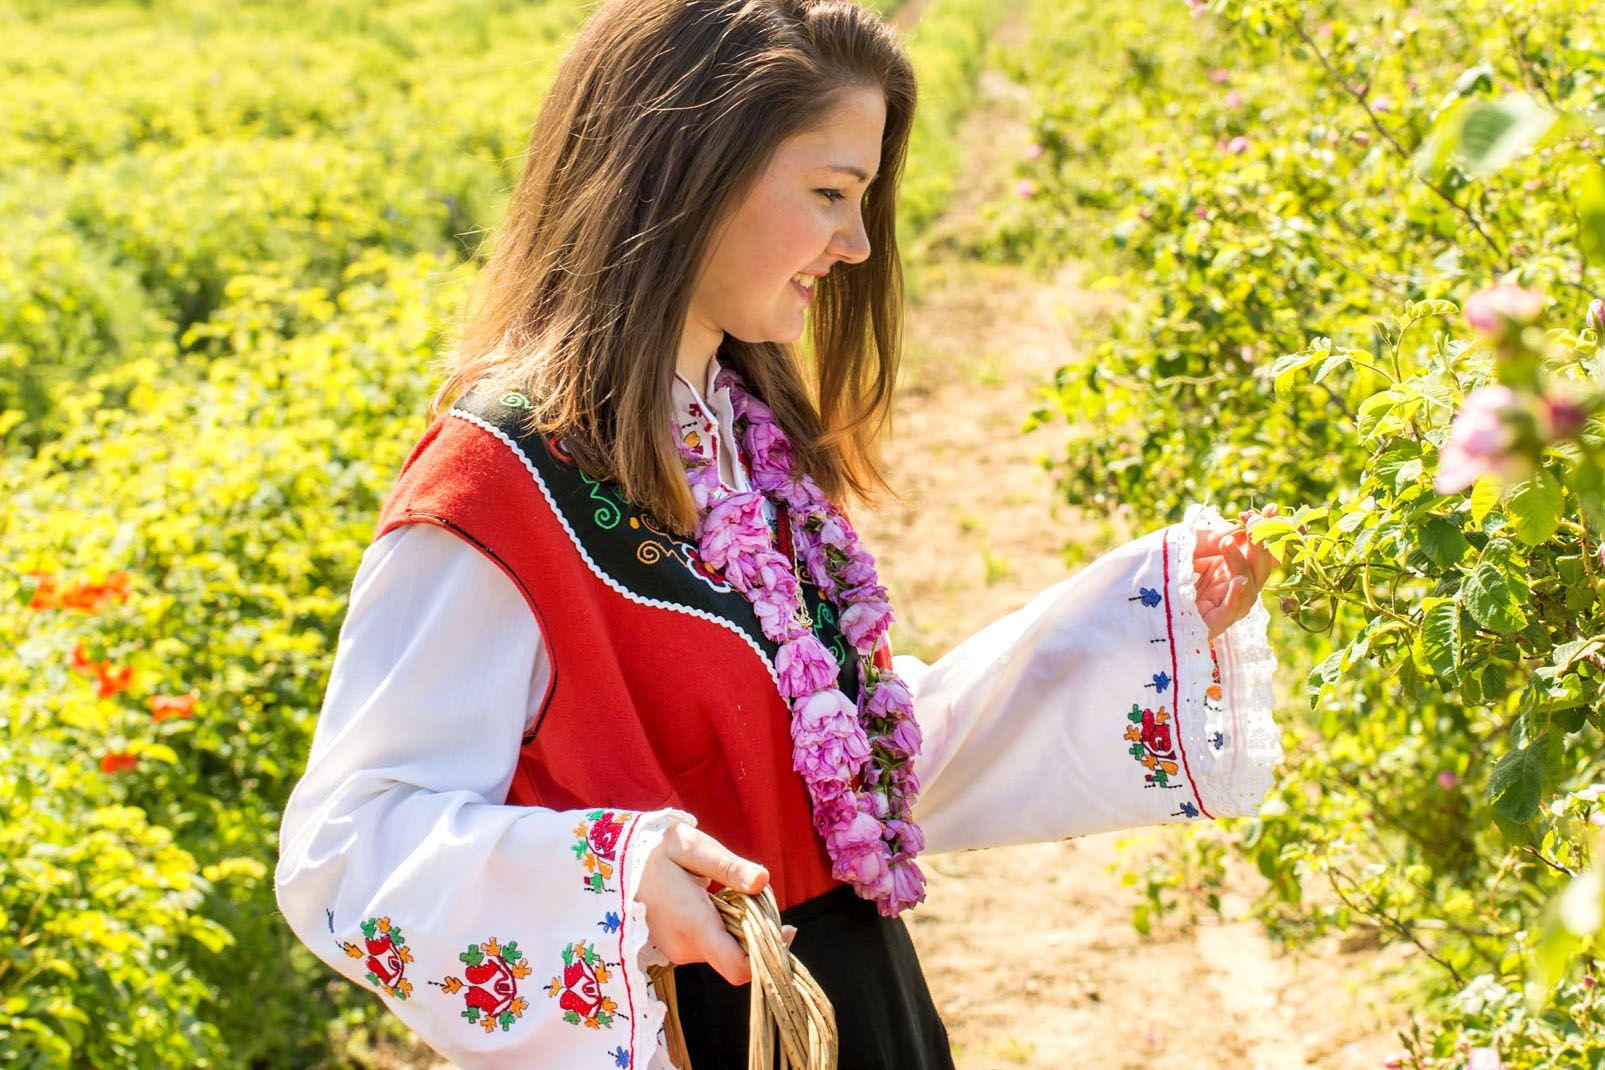 Bulgarie, Pendant le Festival Annuel de la Rose à Kazanlak